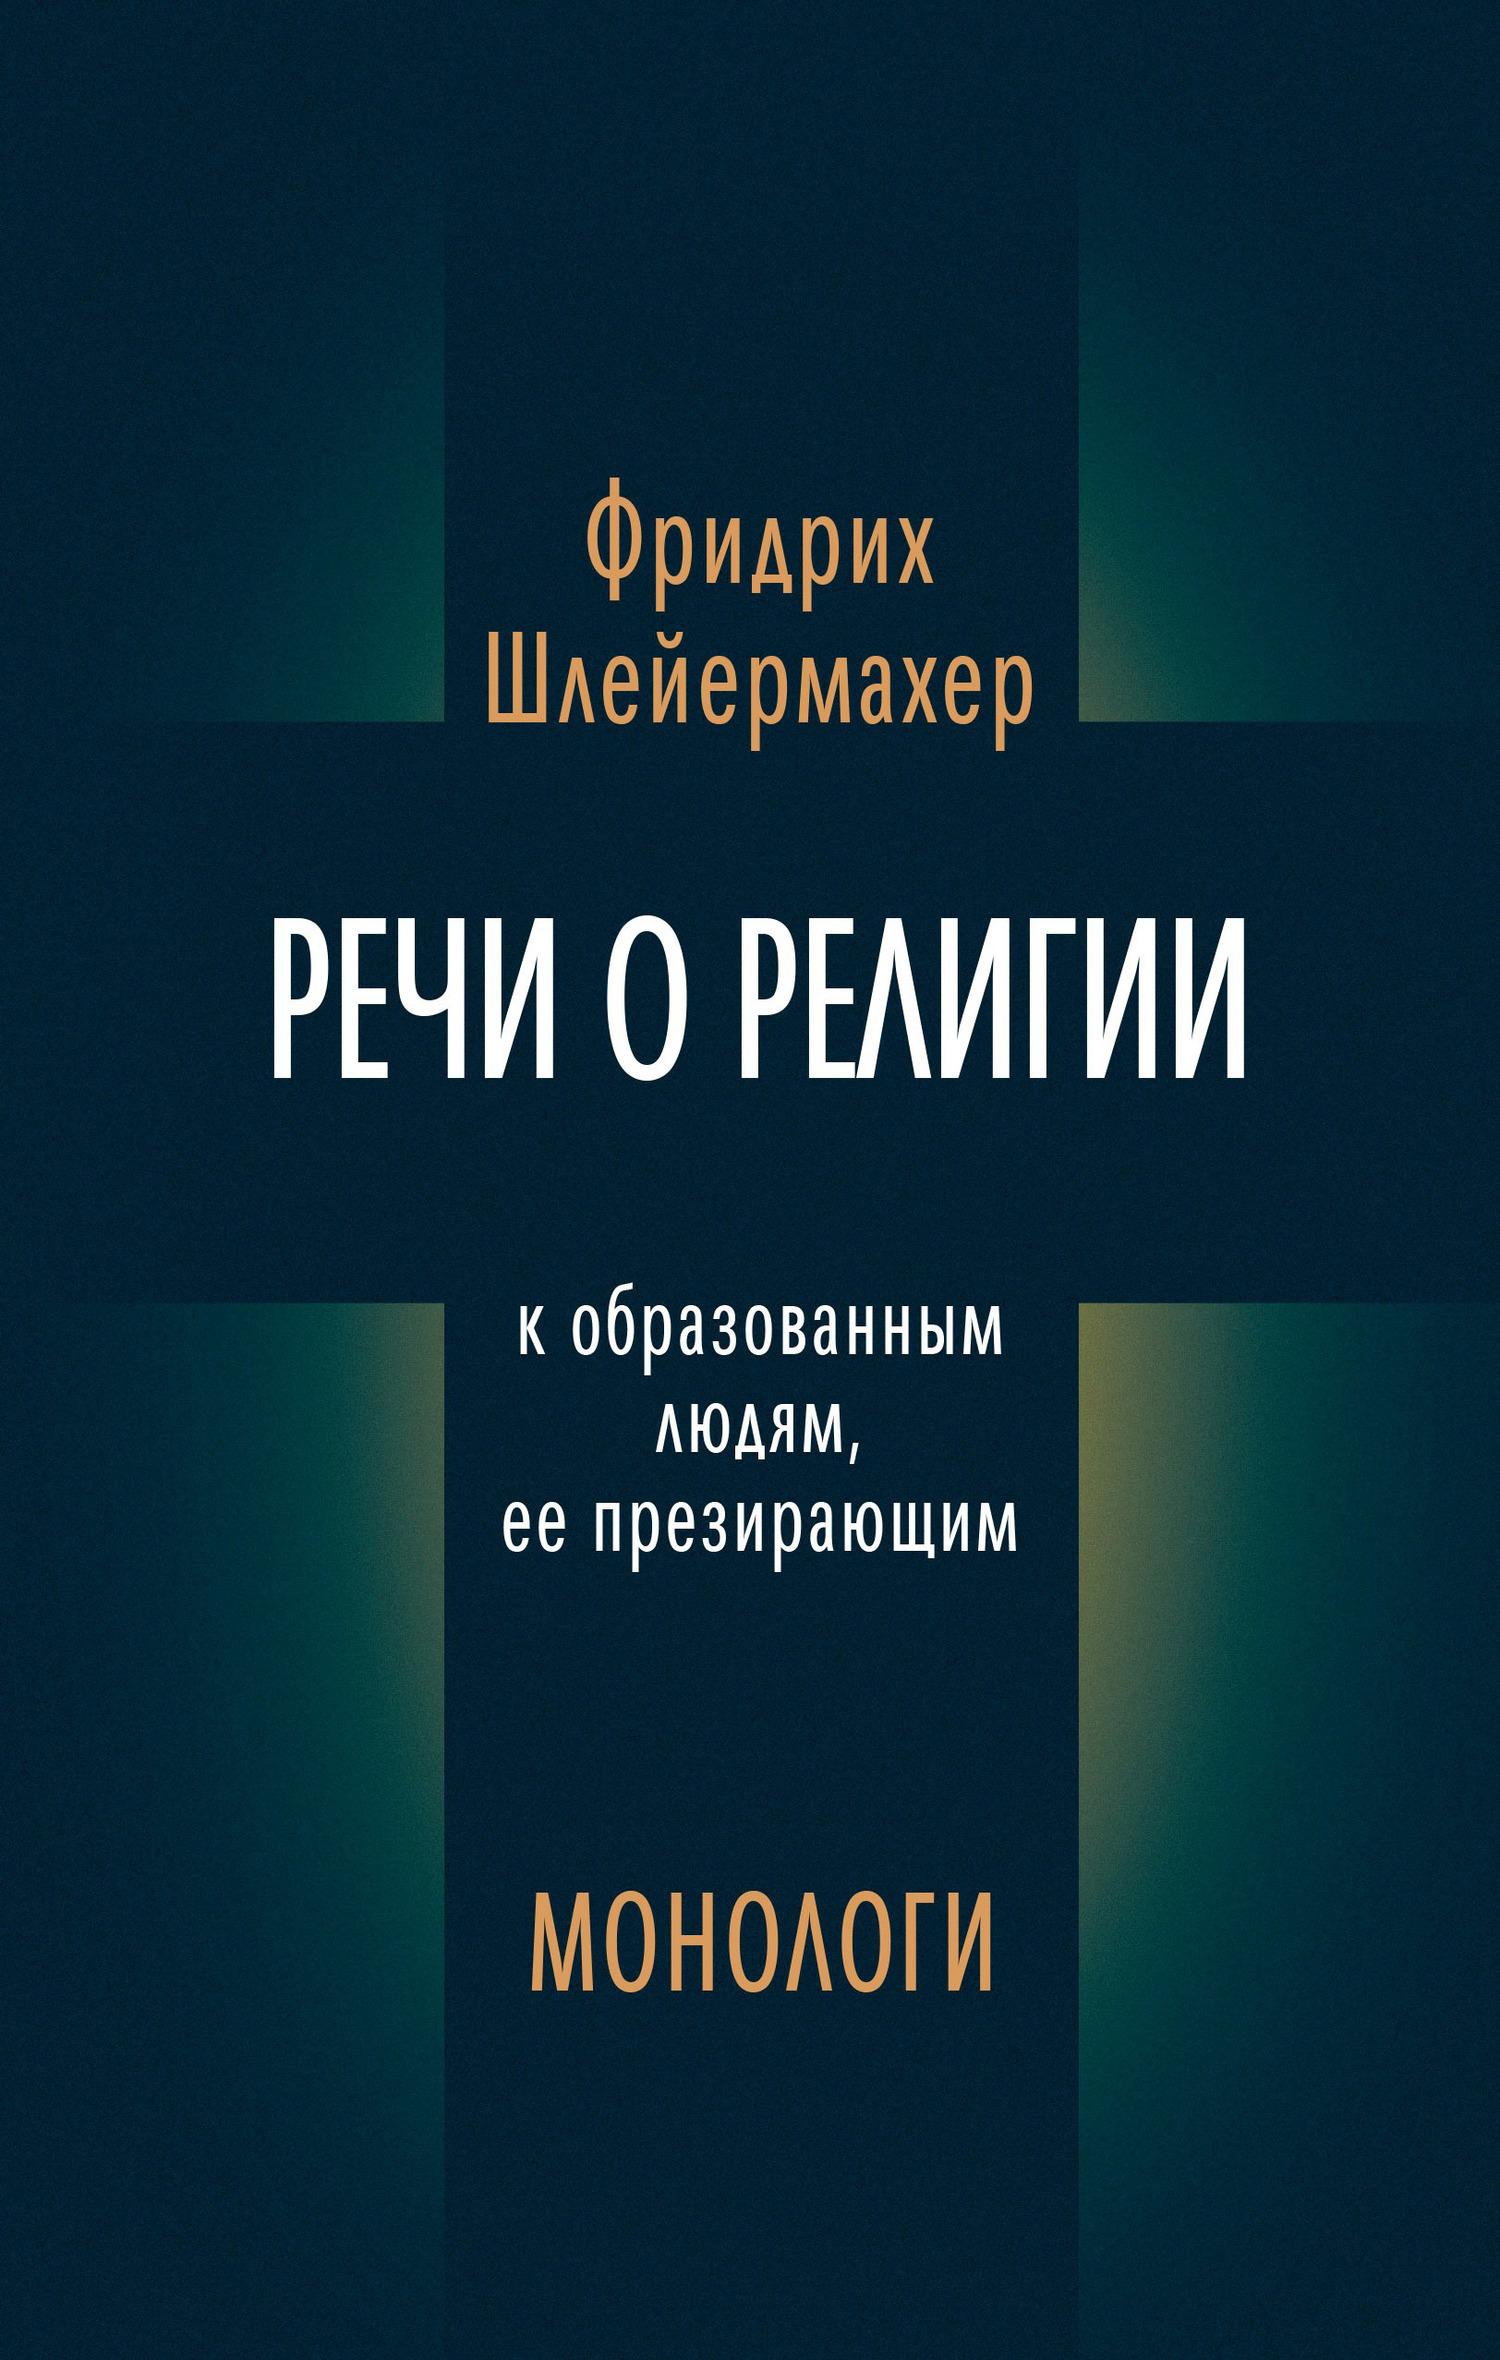 Фридрих Шлейермахер - Речи о религии к образованным людям, ее презирающим. Монологи (сборник)